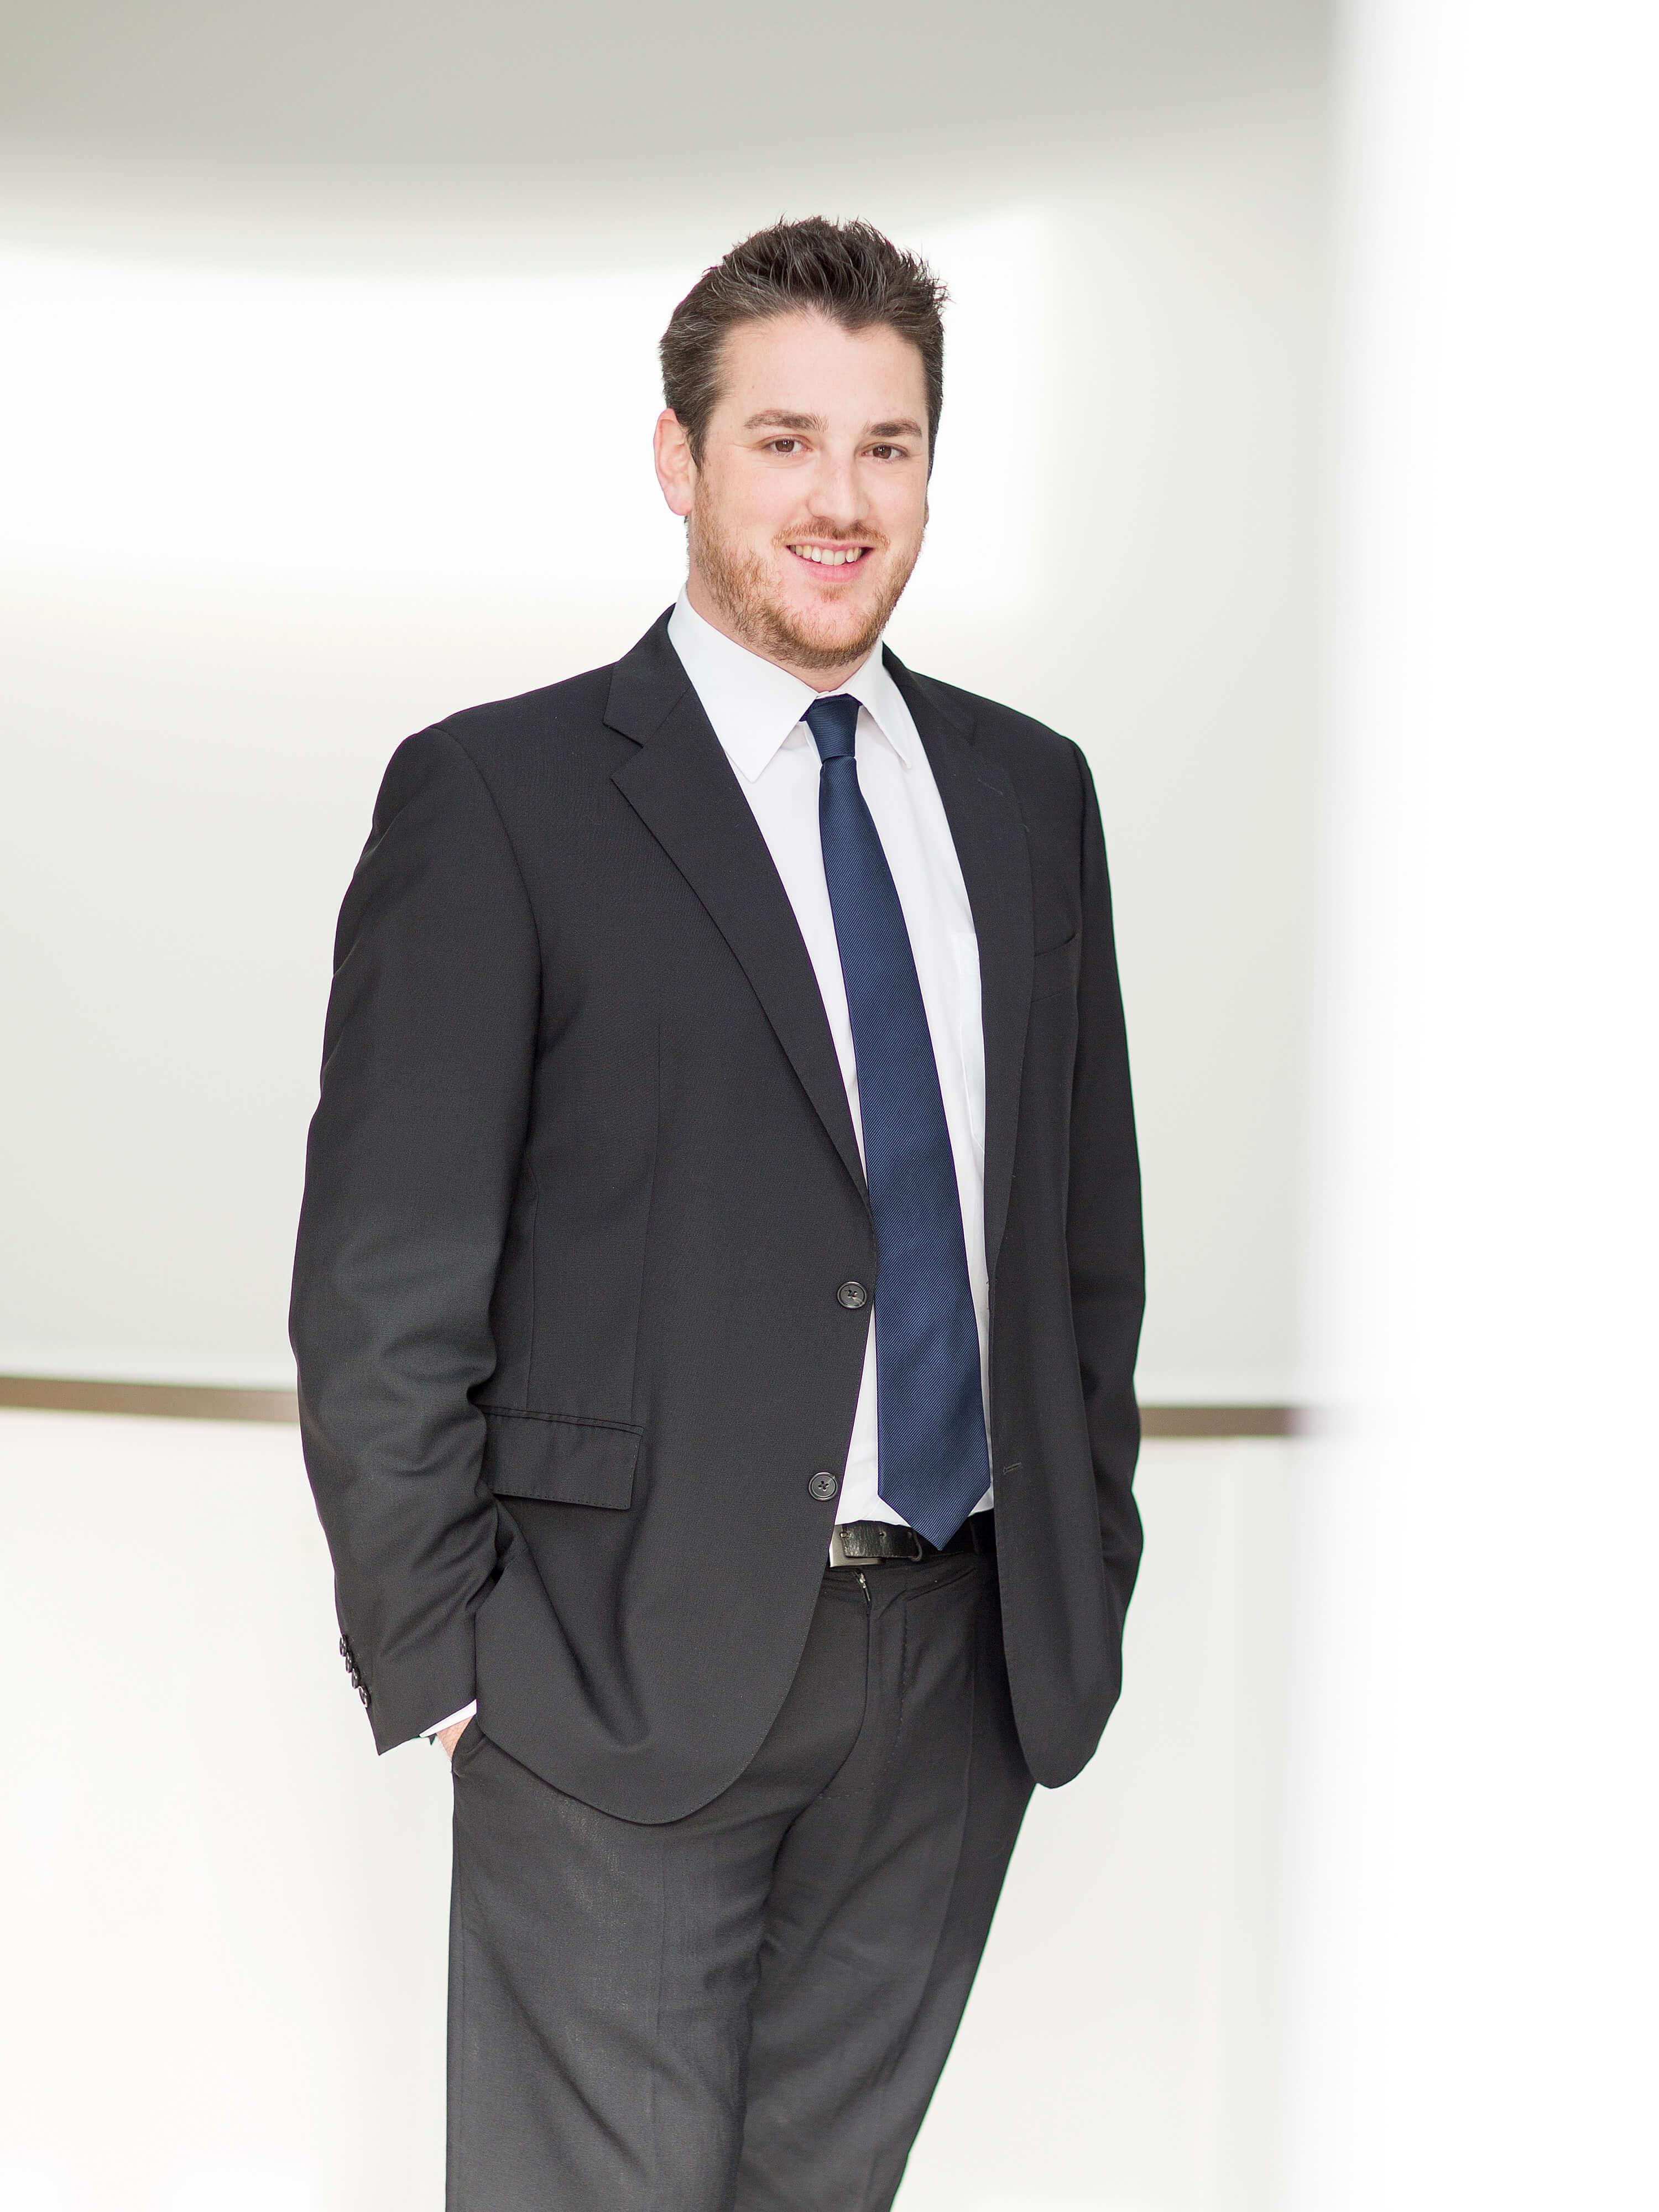 Mitarbeiter - Alexander Stader - Partner bei carrisma